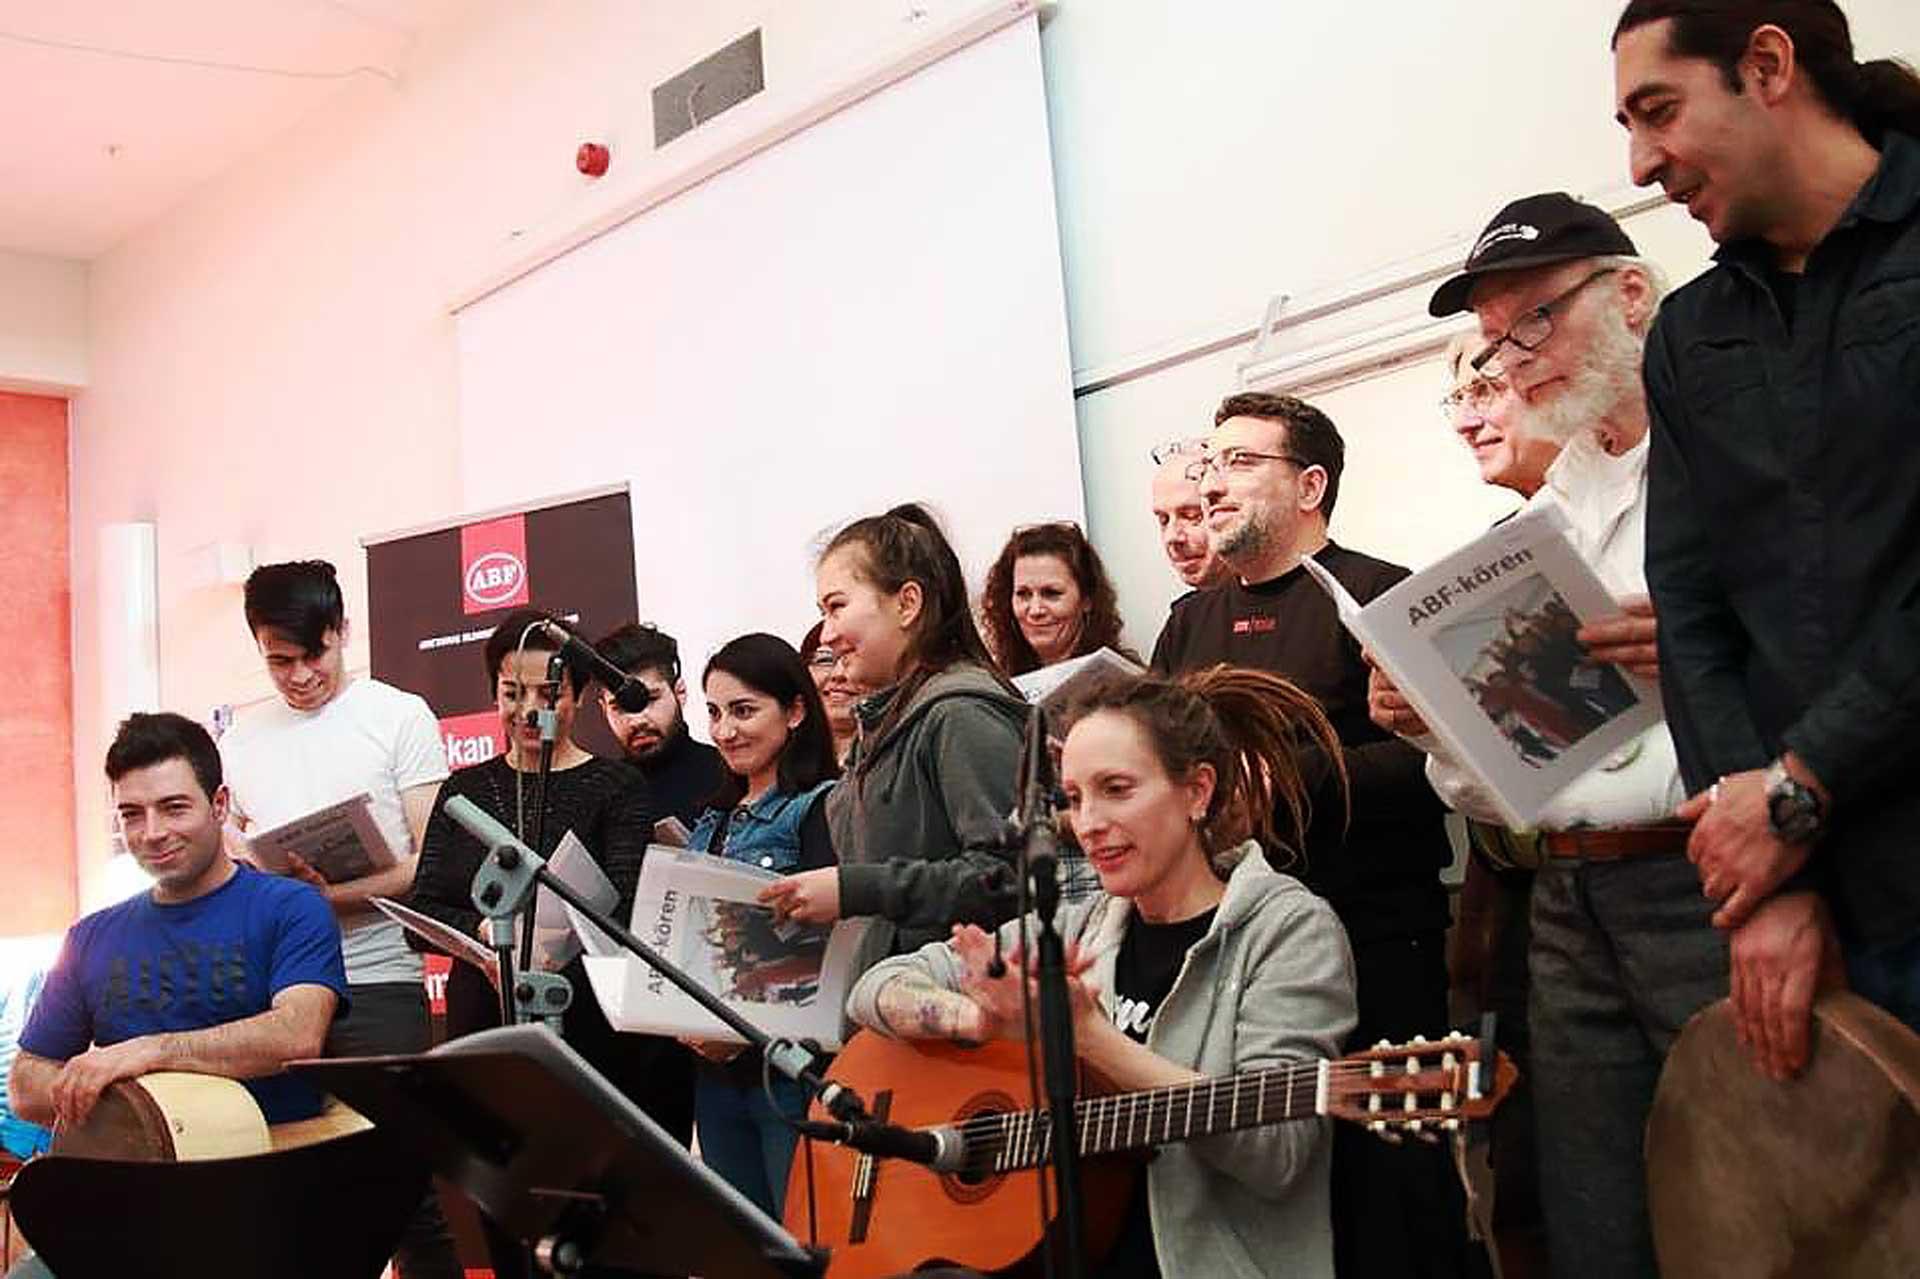 ABF choir